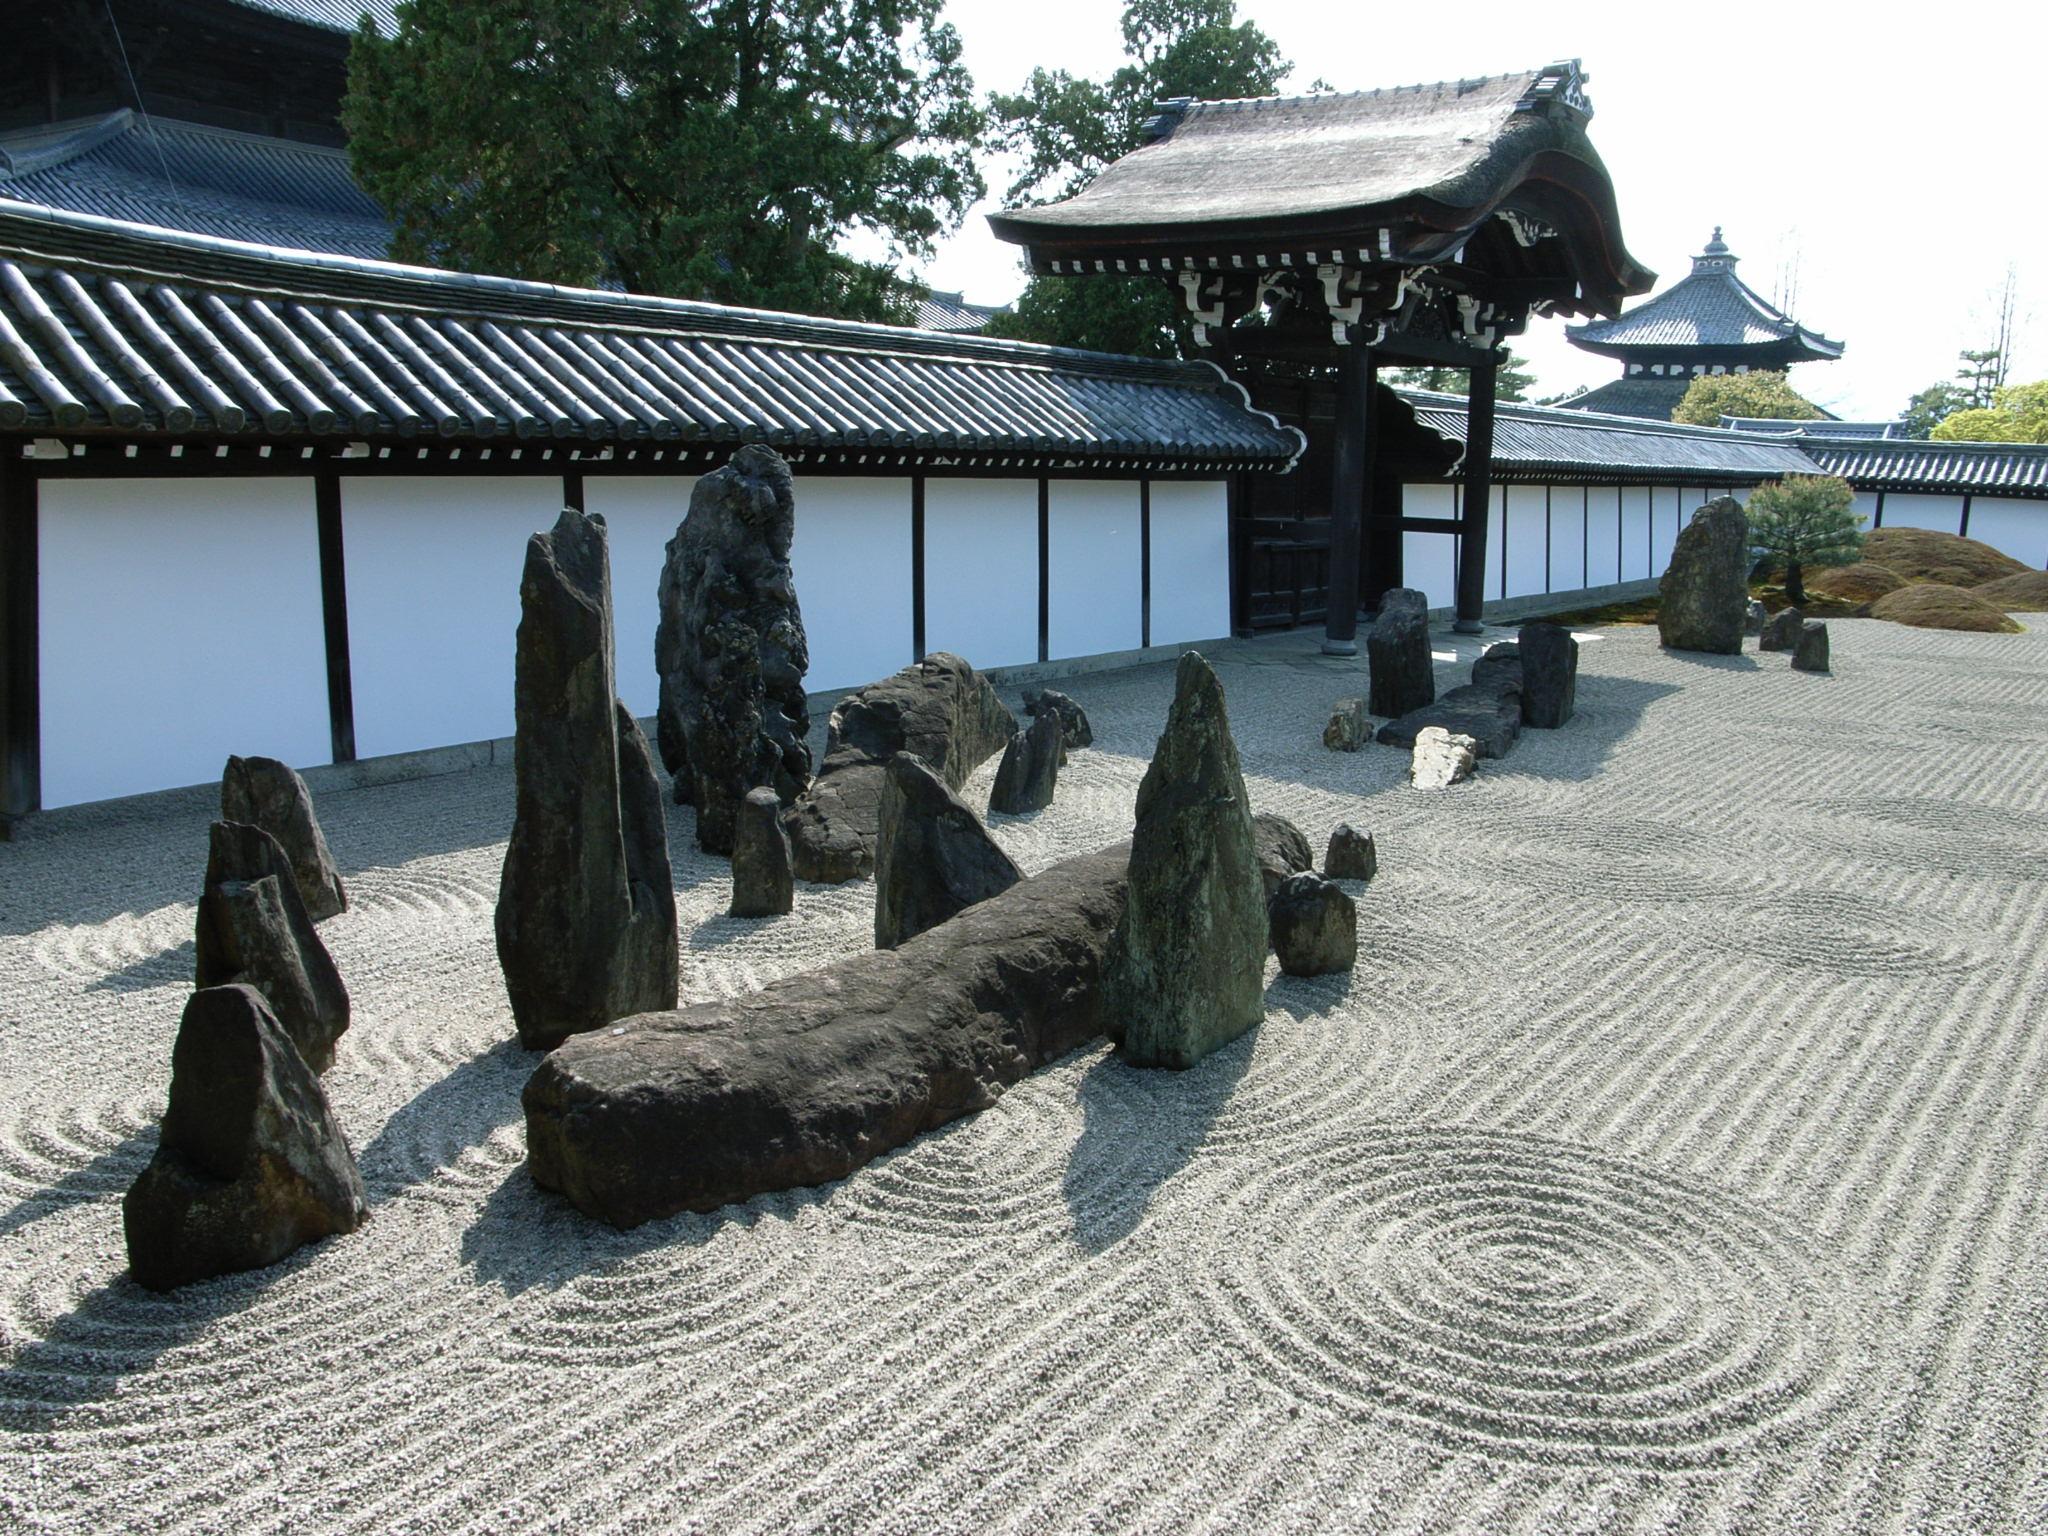 سنگ در باغ ژاپنی